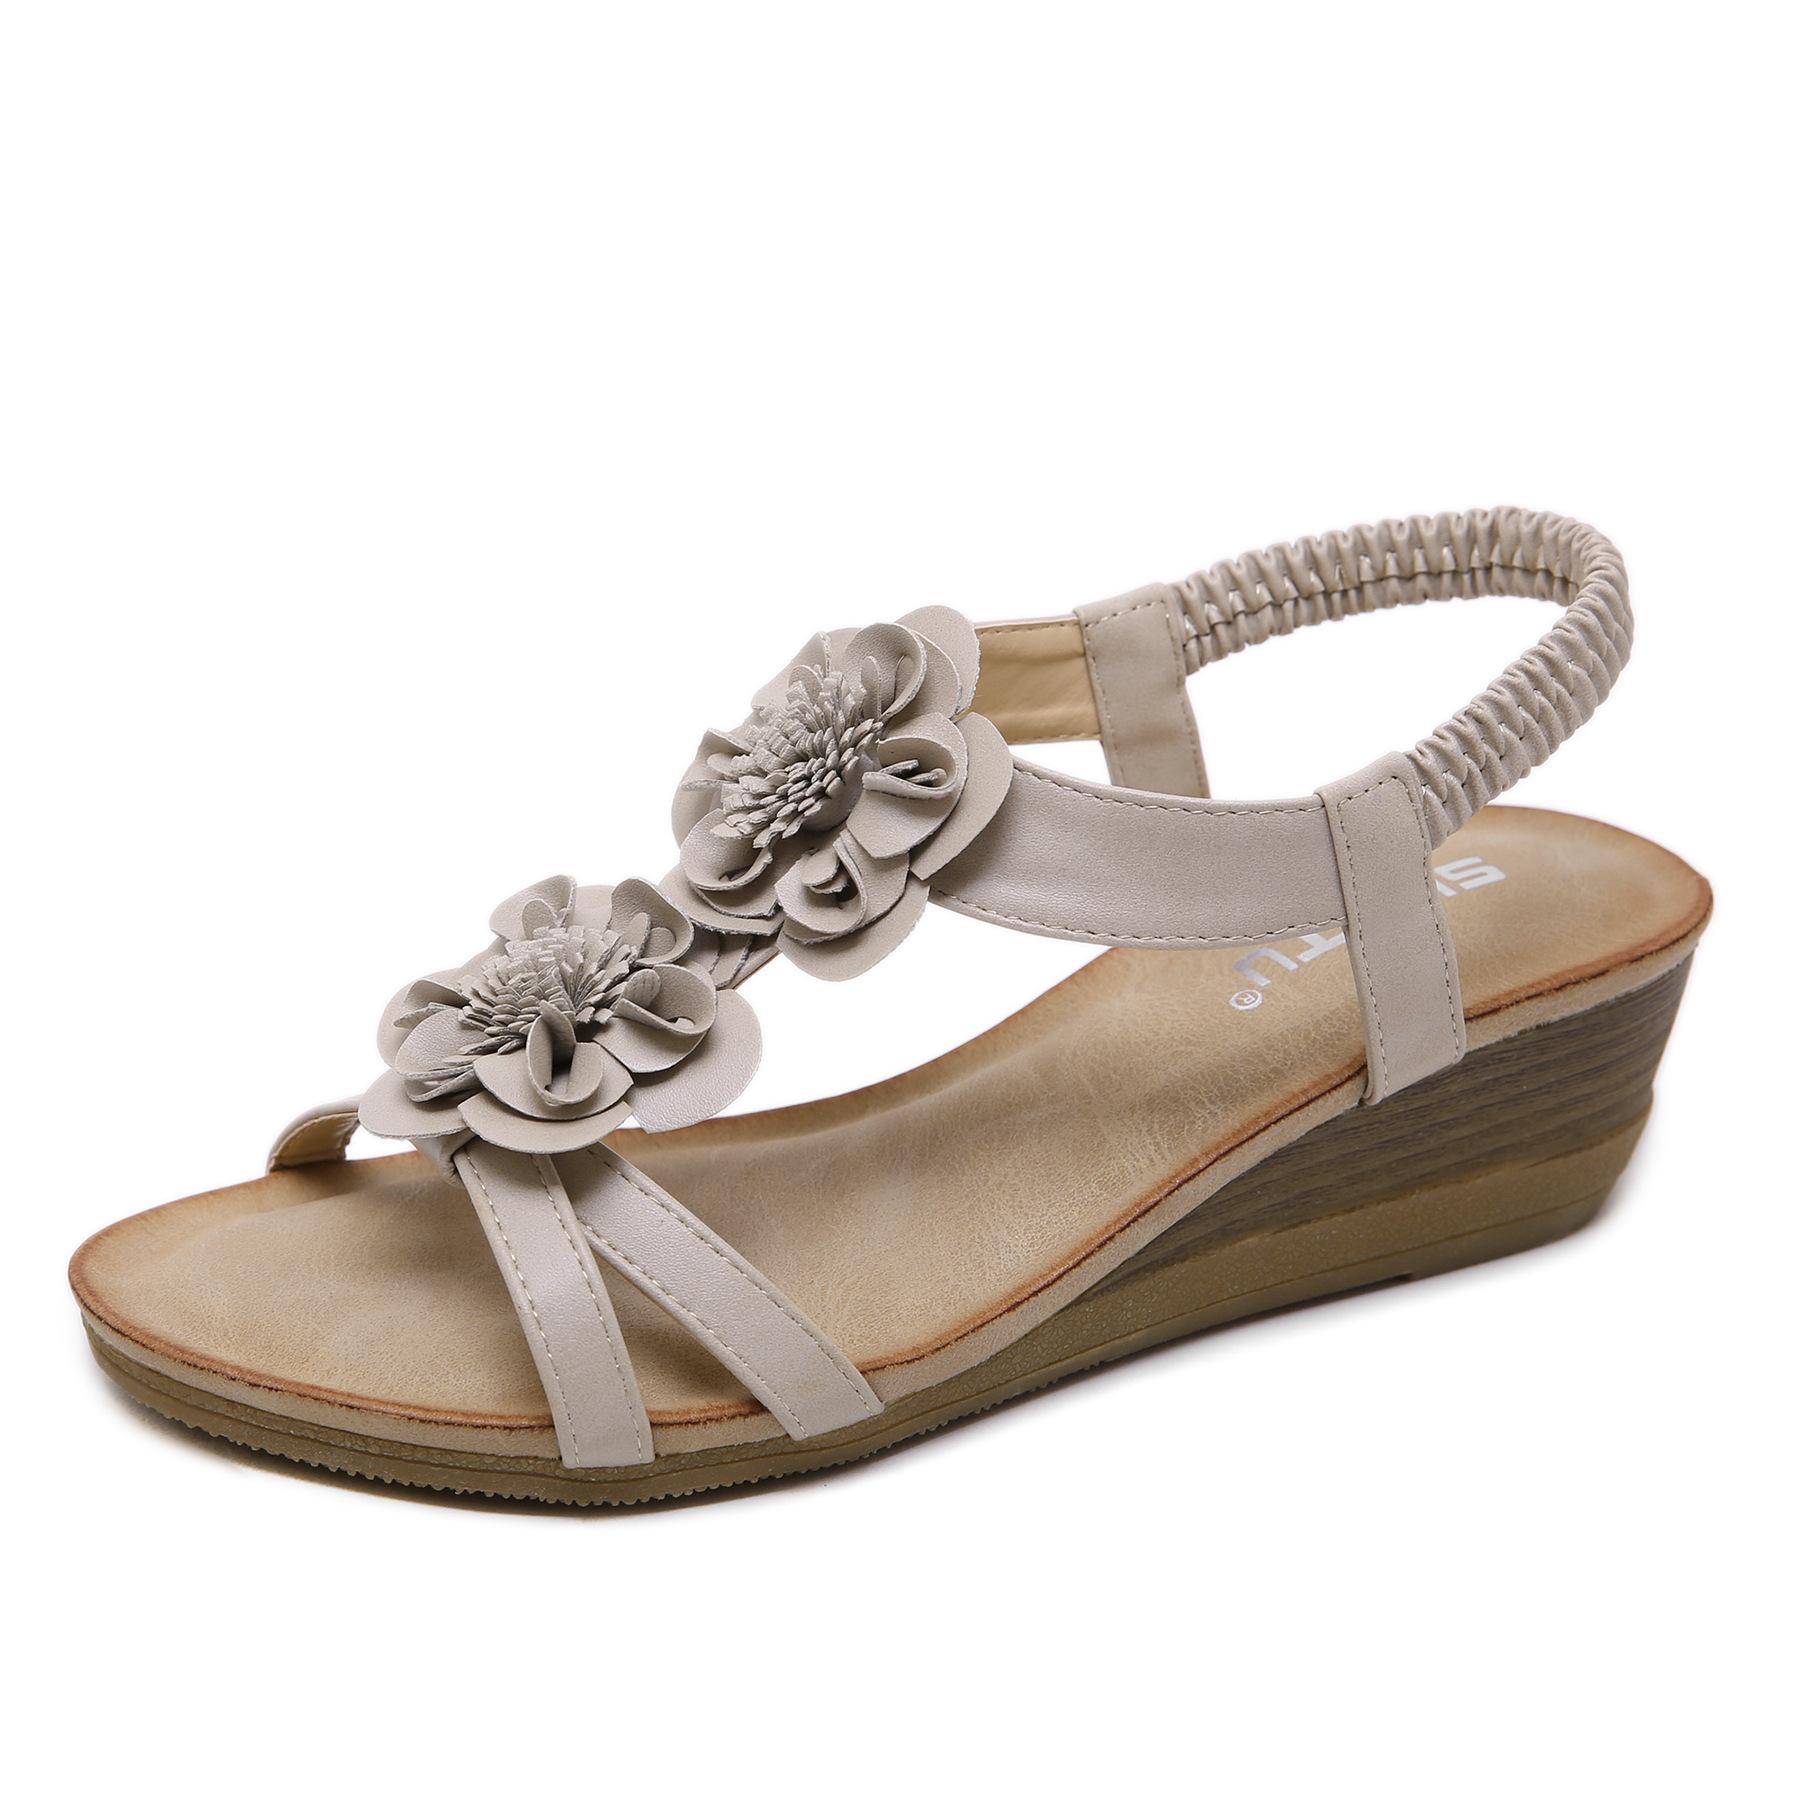 坡跟鱼嘴鞋 2020夏季新款黑杏色花朵低帮牛筋底波西米亚沙滩鞋中跟坡跟女凉鞋_推荐淘宝好看的女坡跟